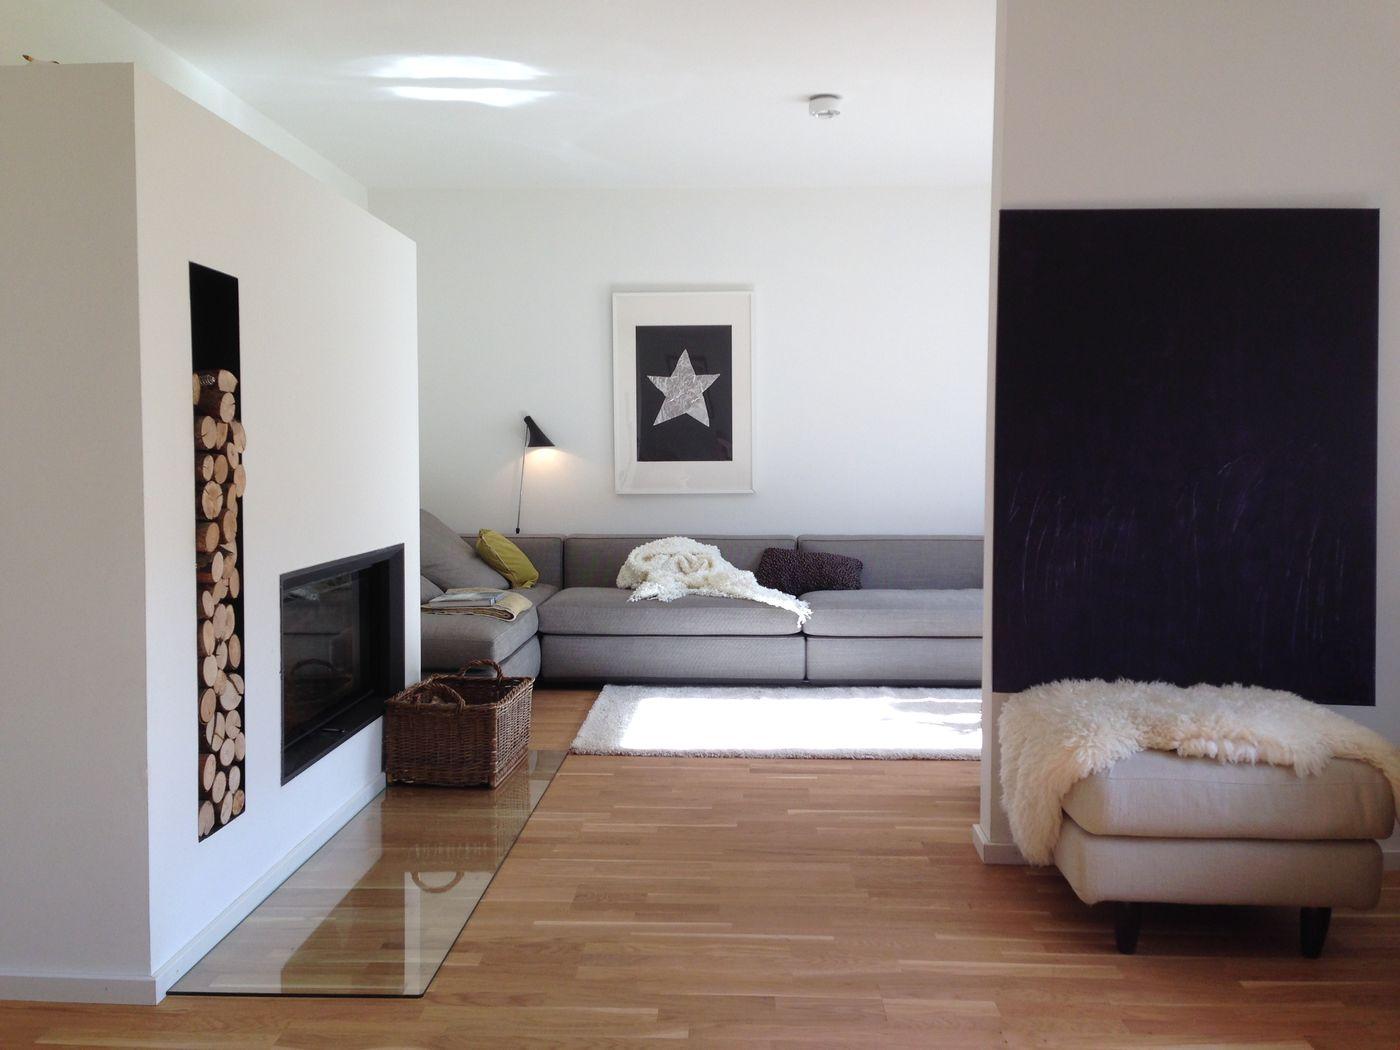 Full Size of Moderne Wohnzimmer Teppich Stehlampe Deckenstrahler Modernes Bett Sofa Hängeschrank Gardinen Deckenlampen Für Relaxliege Deko Vorhänge Teppiche Dekoration Wohnzimmer Moderne Wohnzimmer